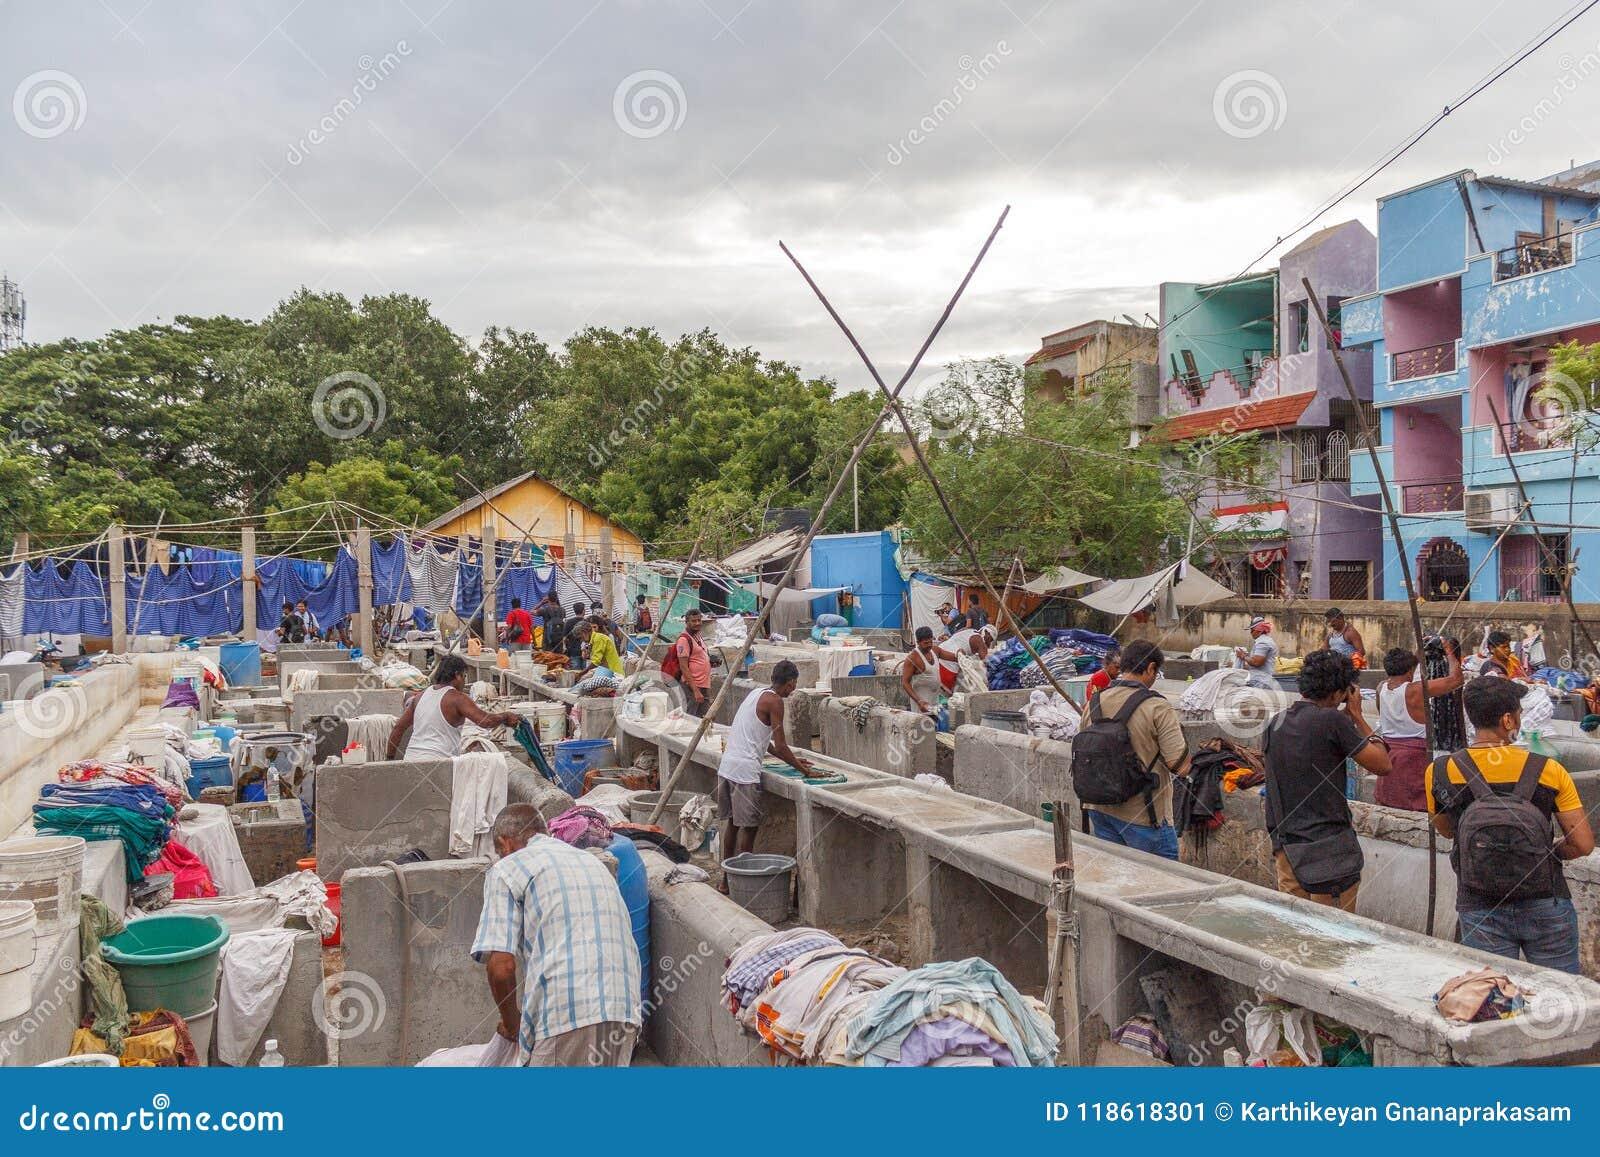 Dhobi Gana is goed - bekende openluchtlaundromat in Chennai India